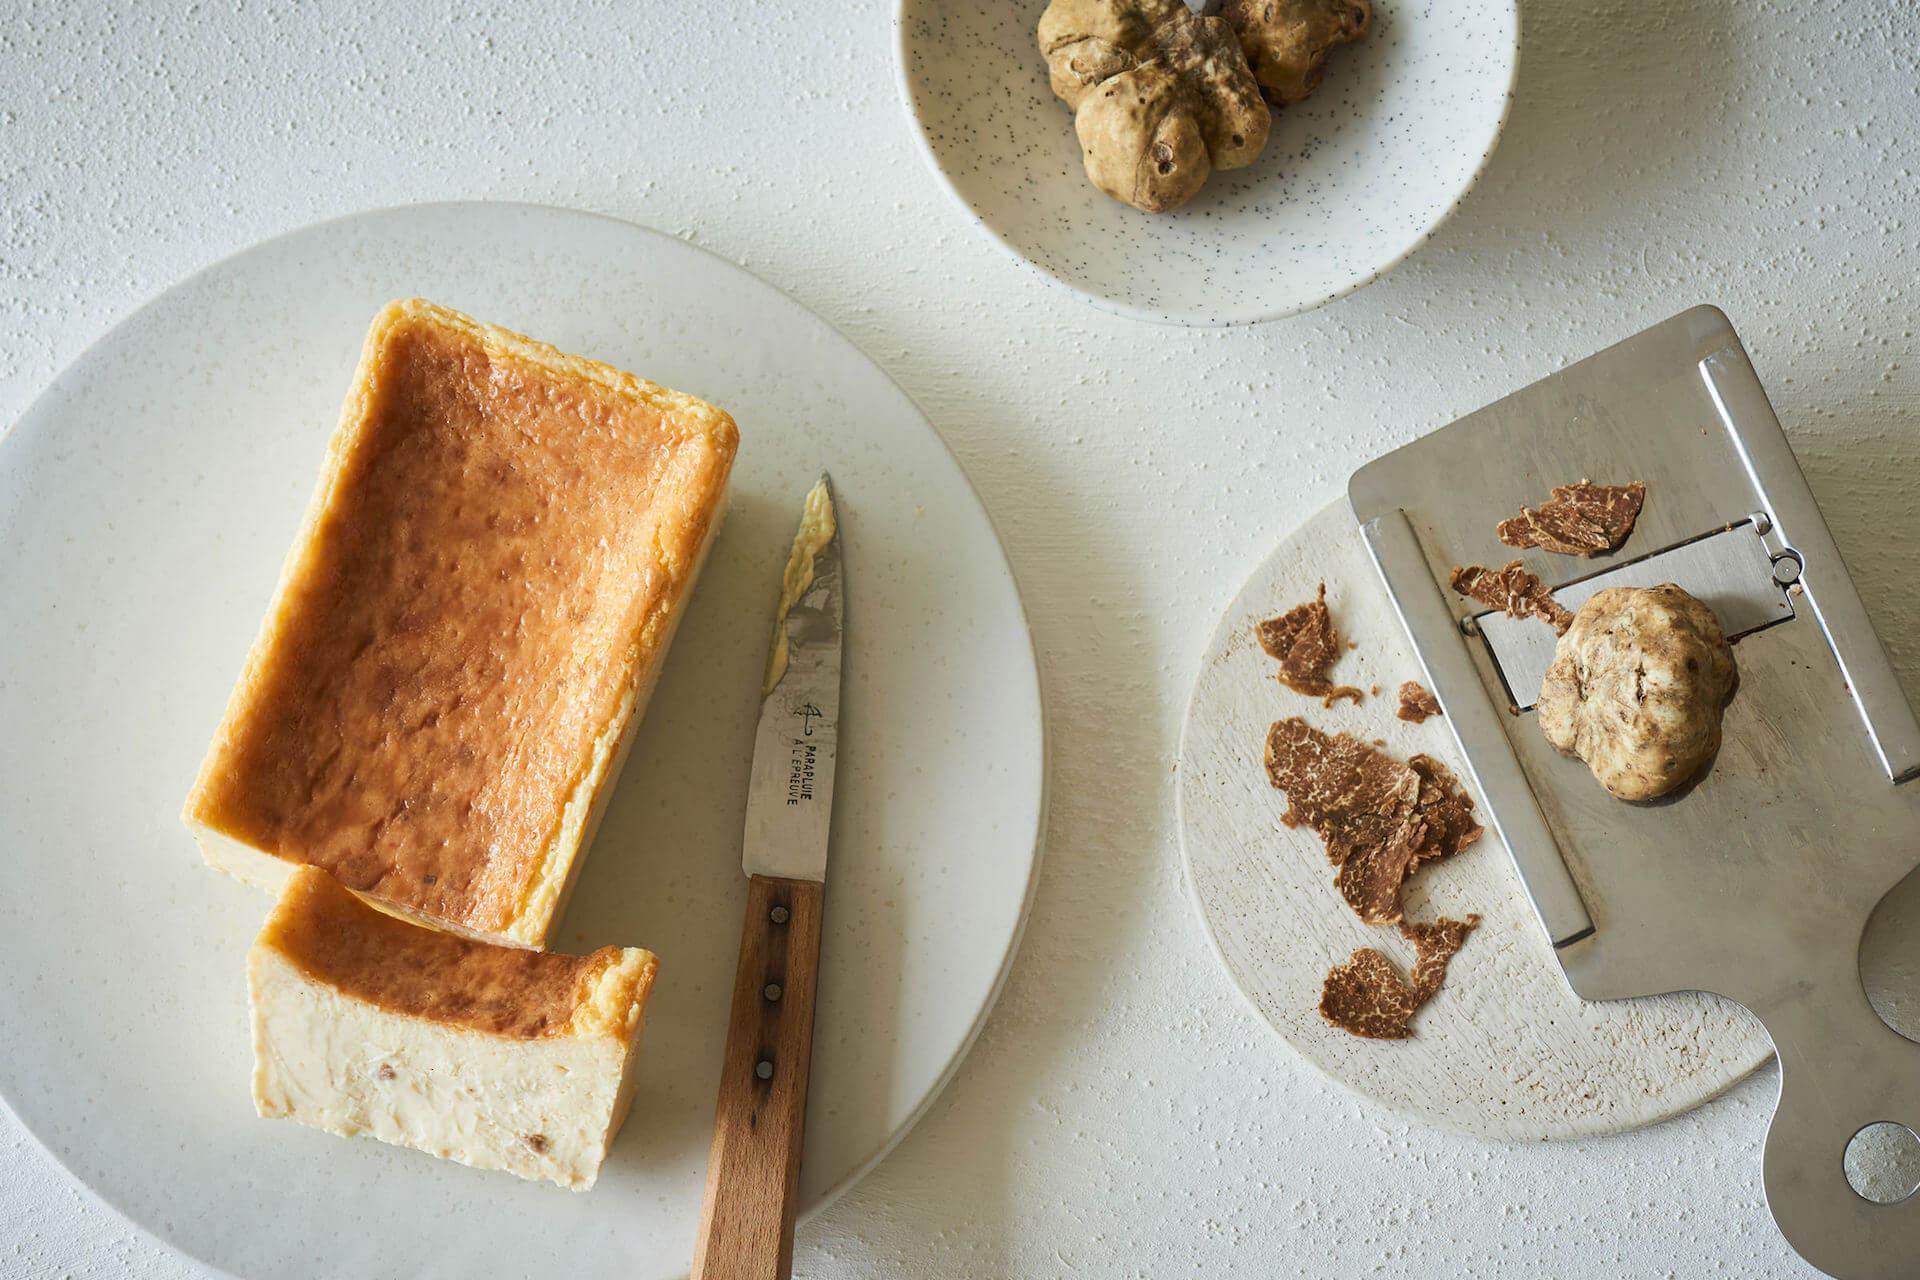 """売り切れ必至のMr. CHEESECAKE新商品が受注生産販売決定!高級食材""""白トリュフ""""を使った高価なチーズケーキ gourmet201027_mrcheesecake_6"""